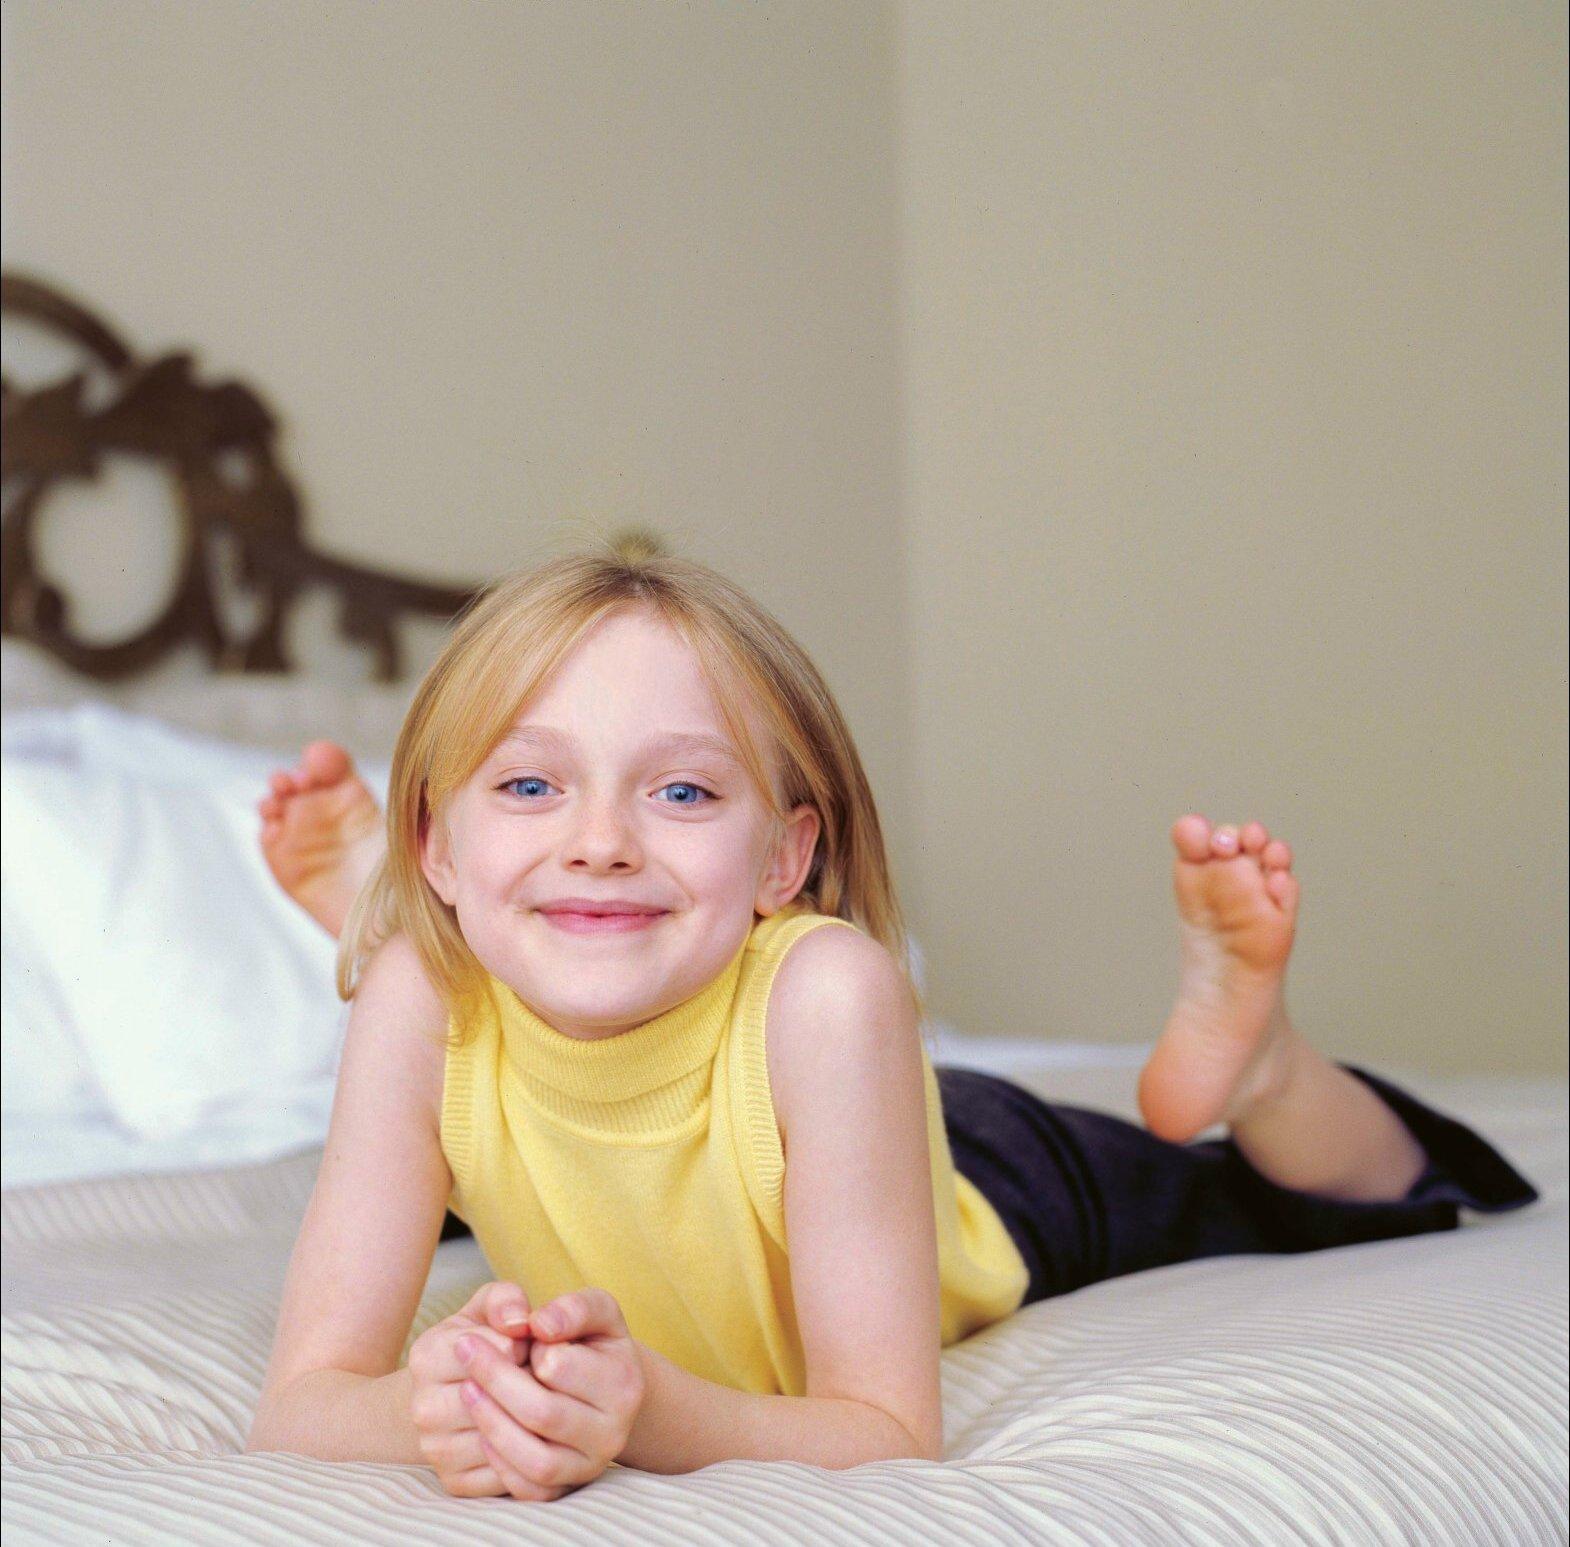 Dakota Fanning kindertijd foto een via pinterest.com